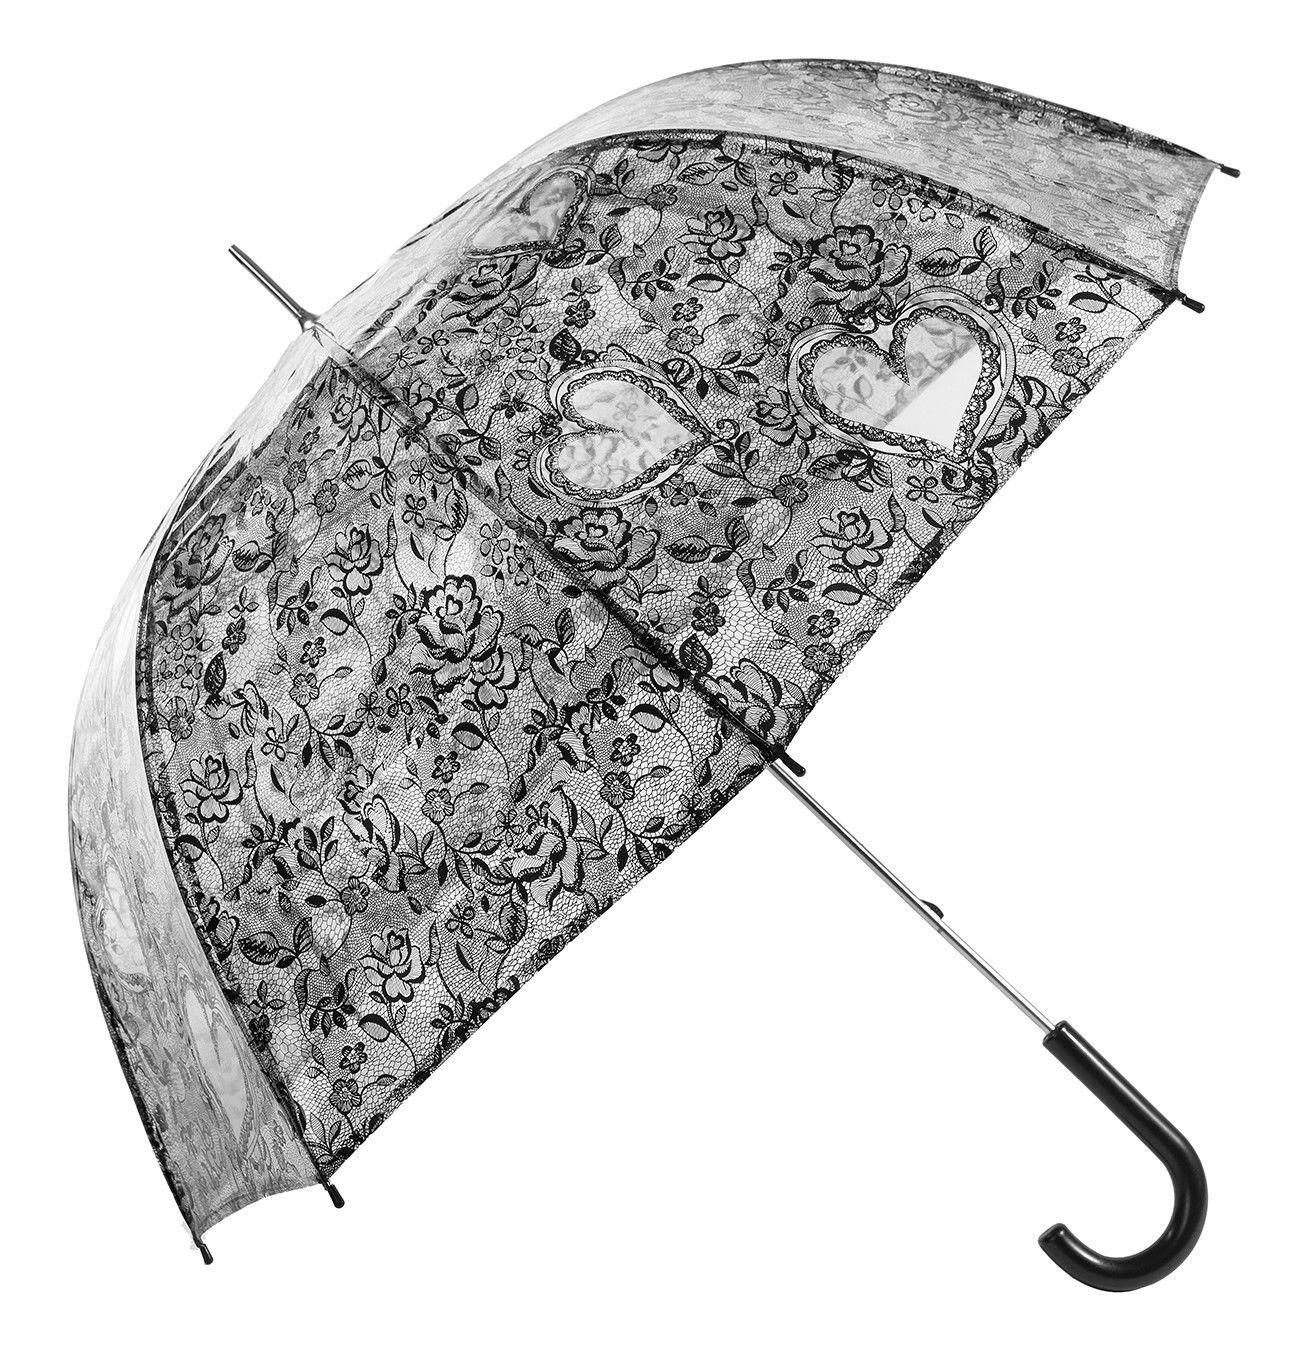 New Transparent Black Bridal Lace Applique Embroidery Print Heart Roses Umbrella